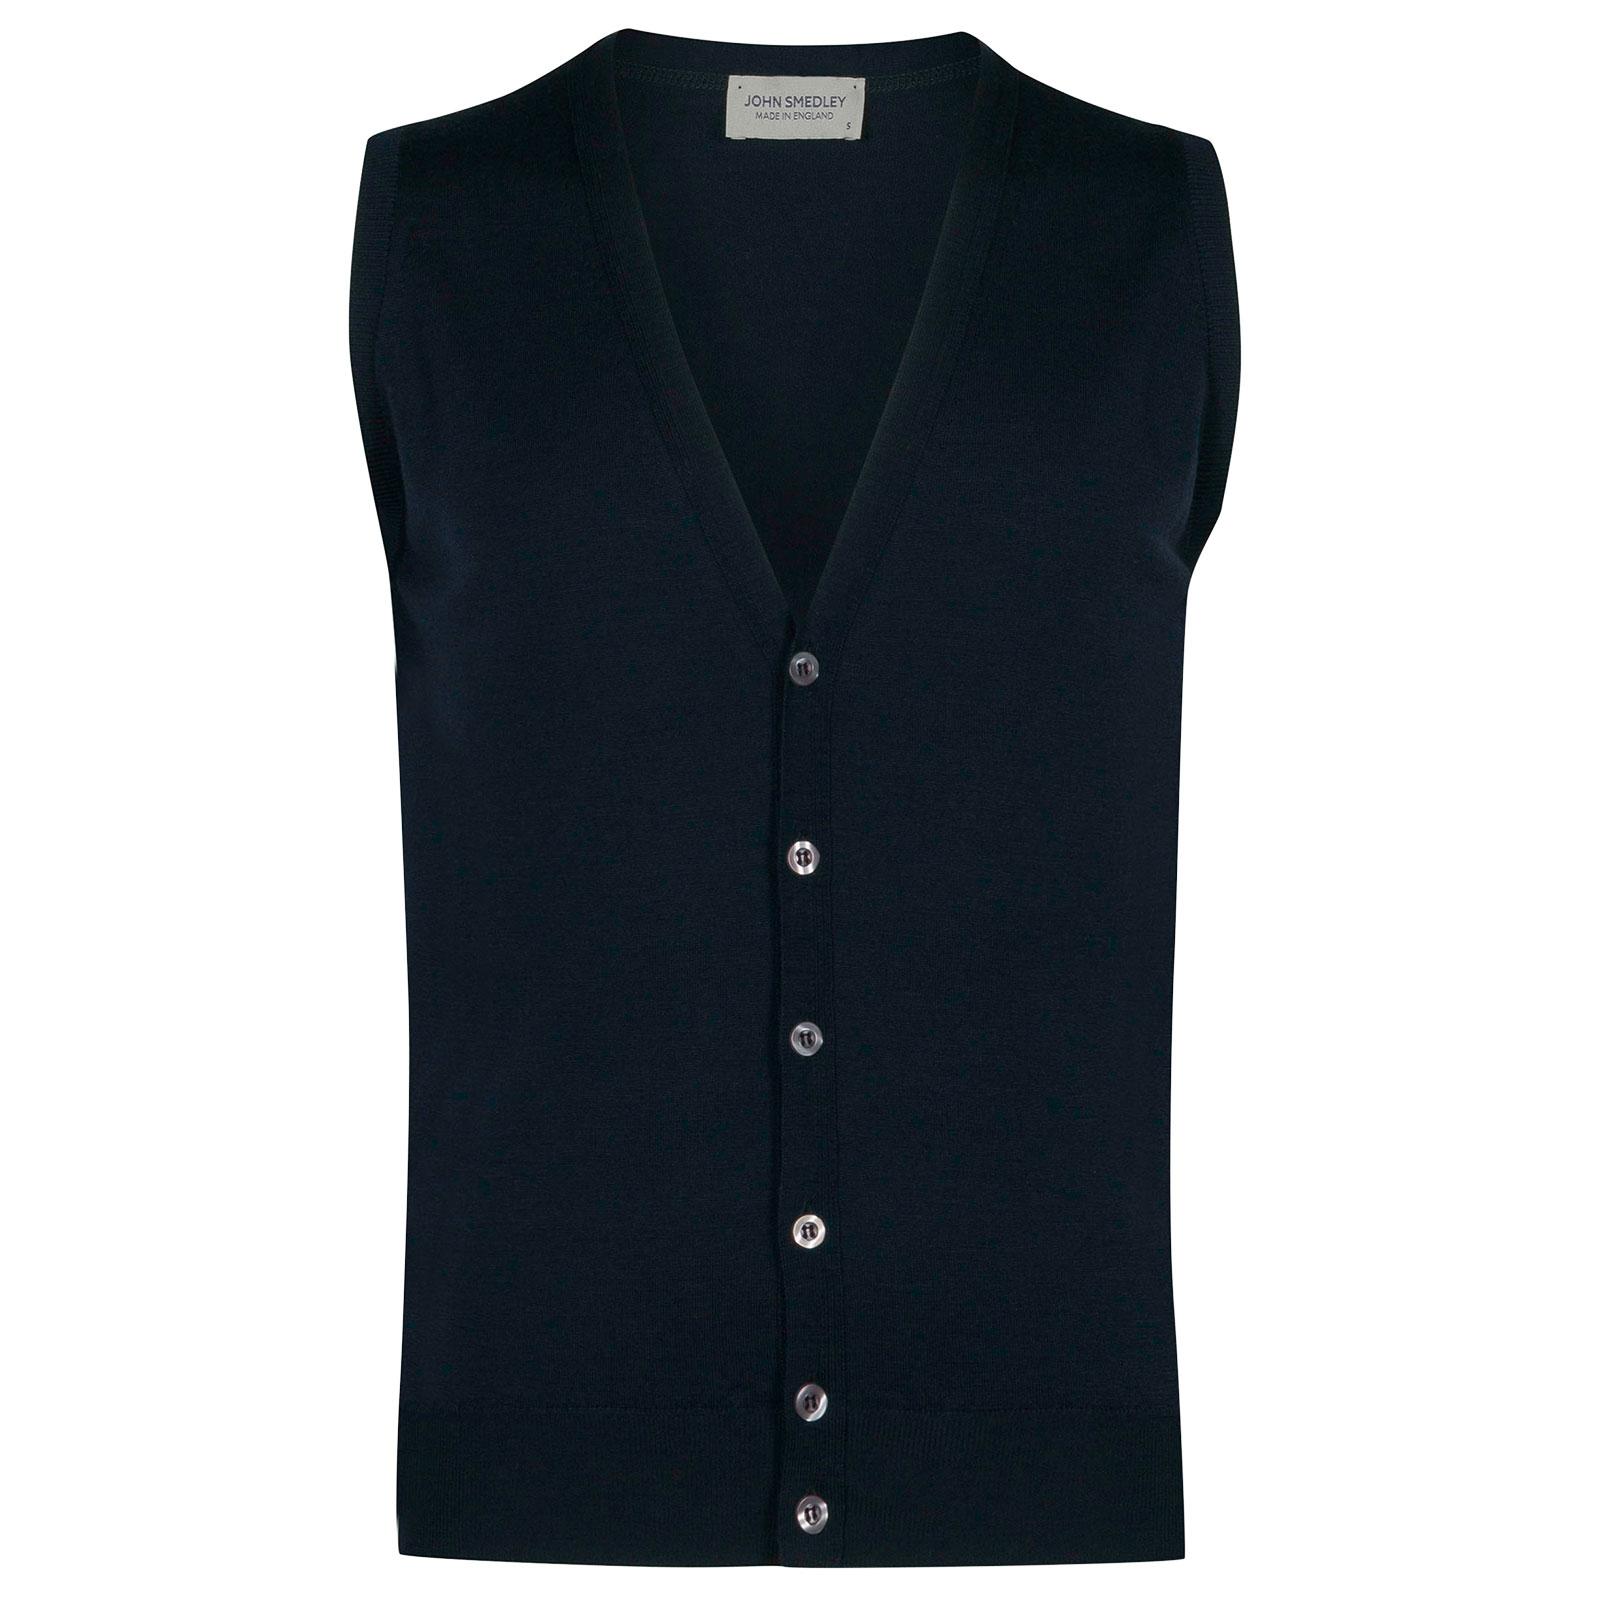 John Smedley HuntswoodMerino Wool Waistcoat in Orion Green-XXL